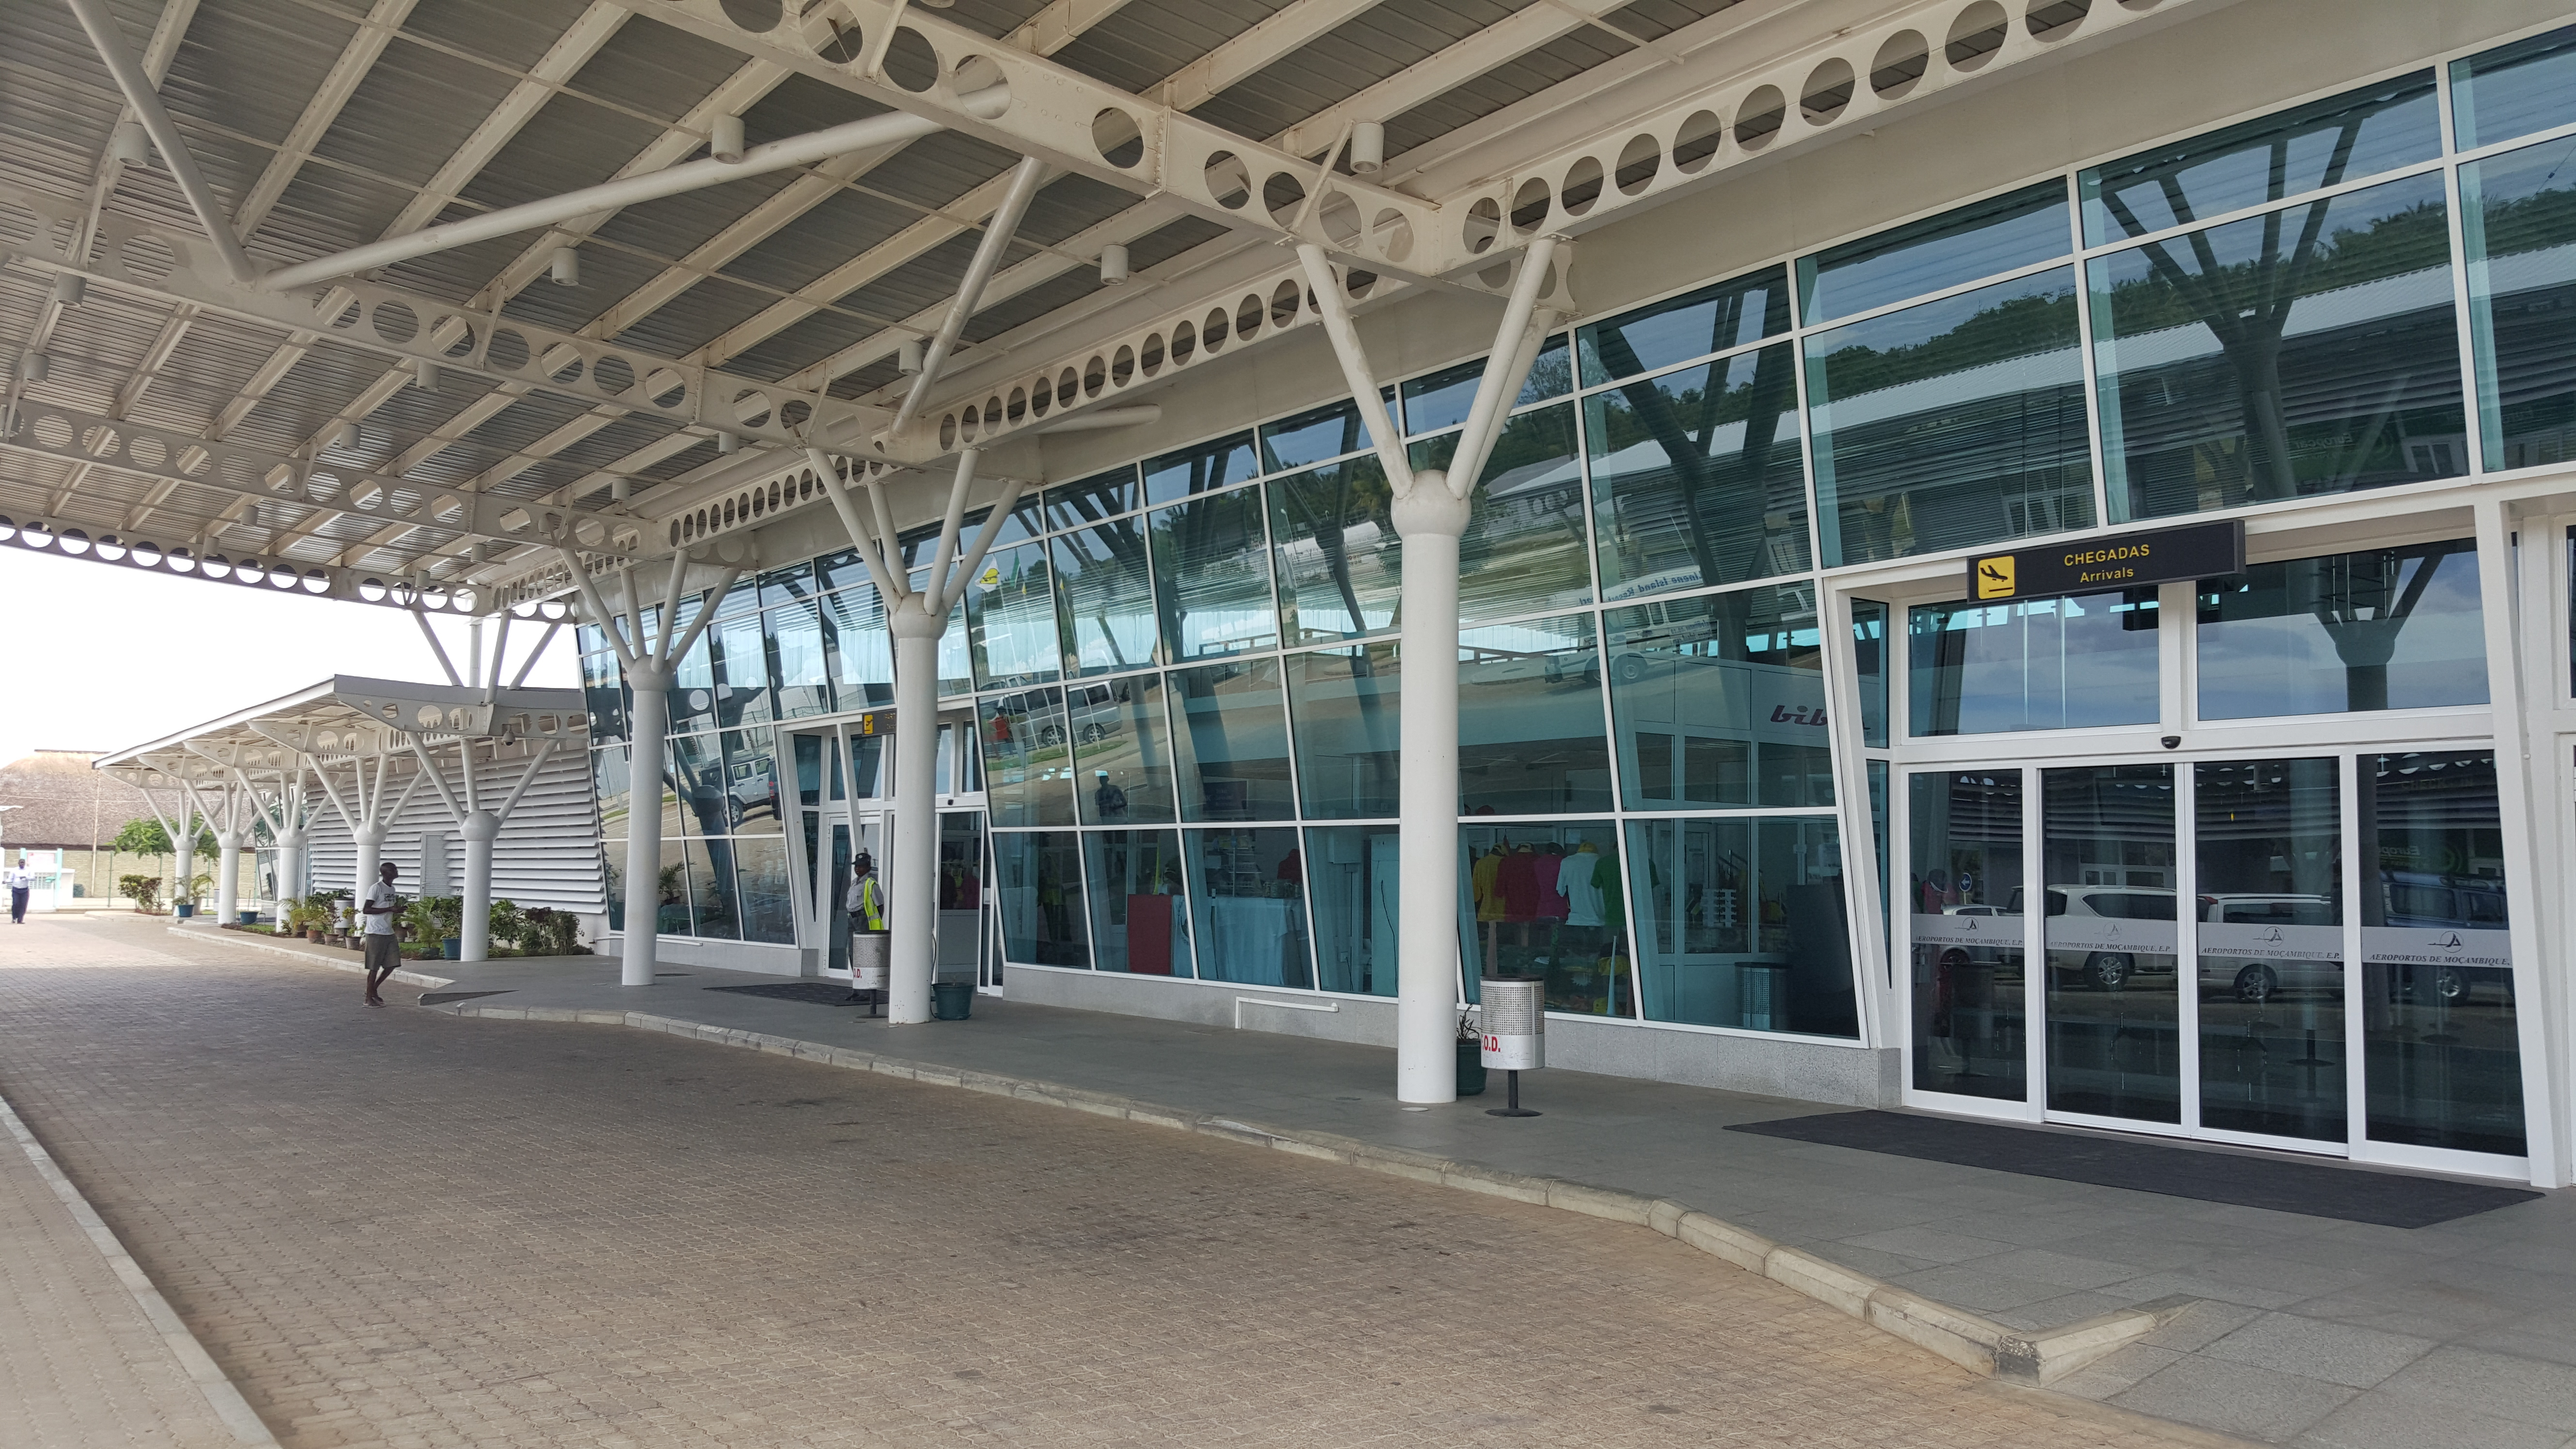 Aeroporto de Vilanculos: novinho em folha (você não esperava isso de Moçambique, né?)